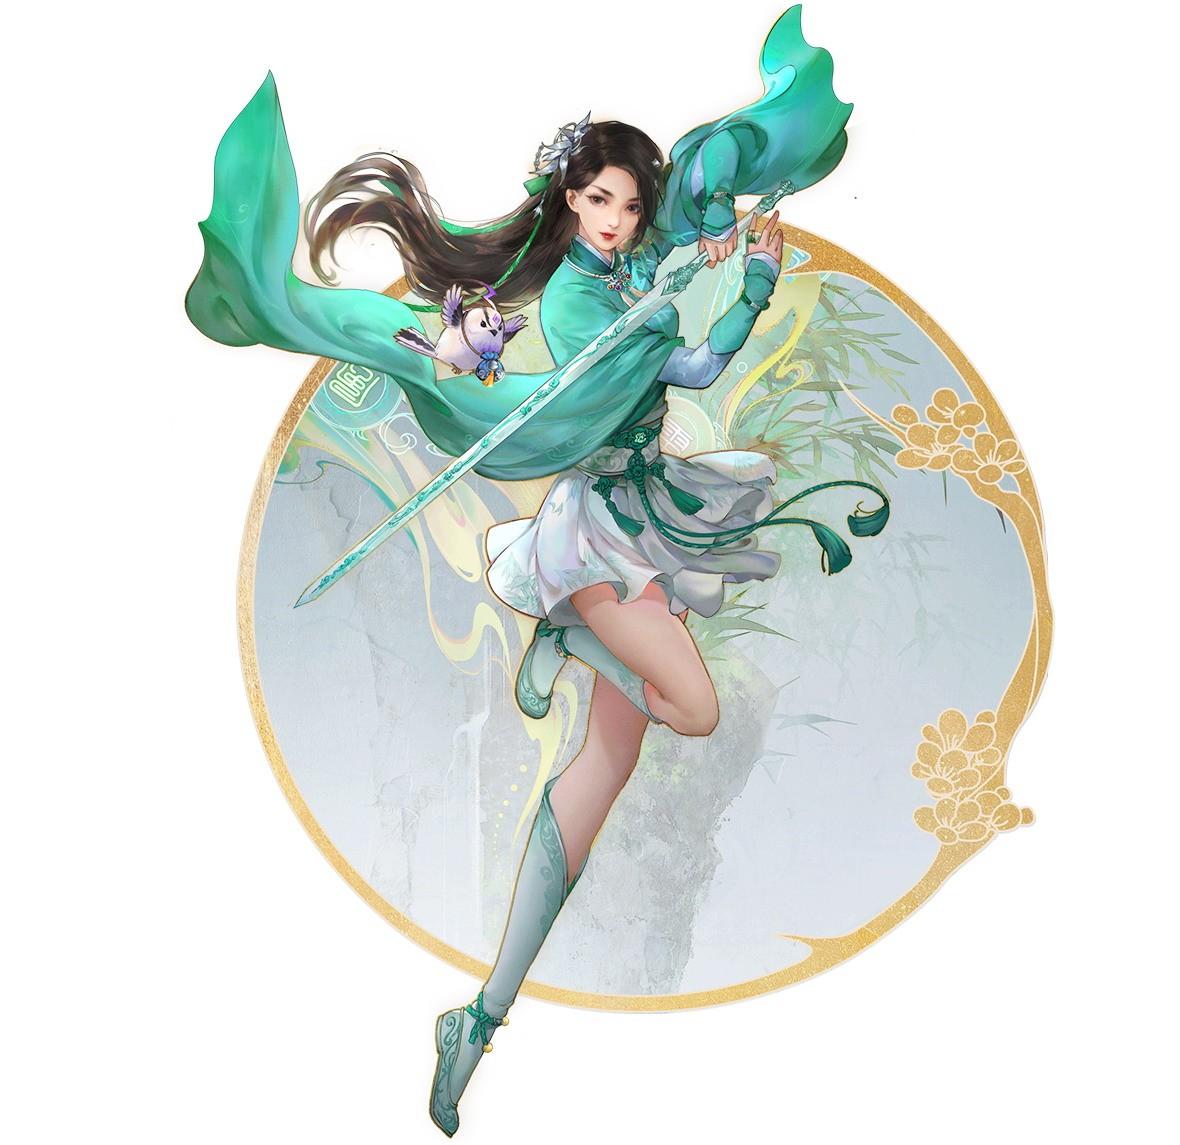 《仙剑奇侠传七》四名主角介绍 帅哥美女亮相